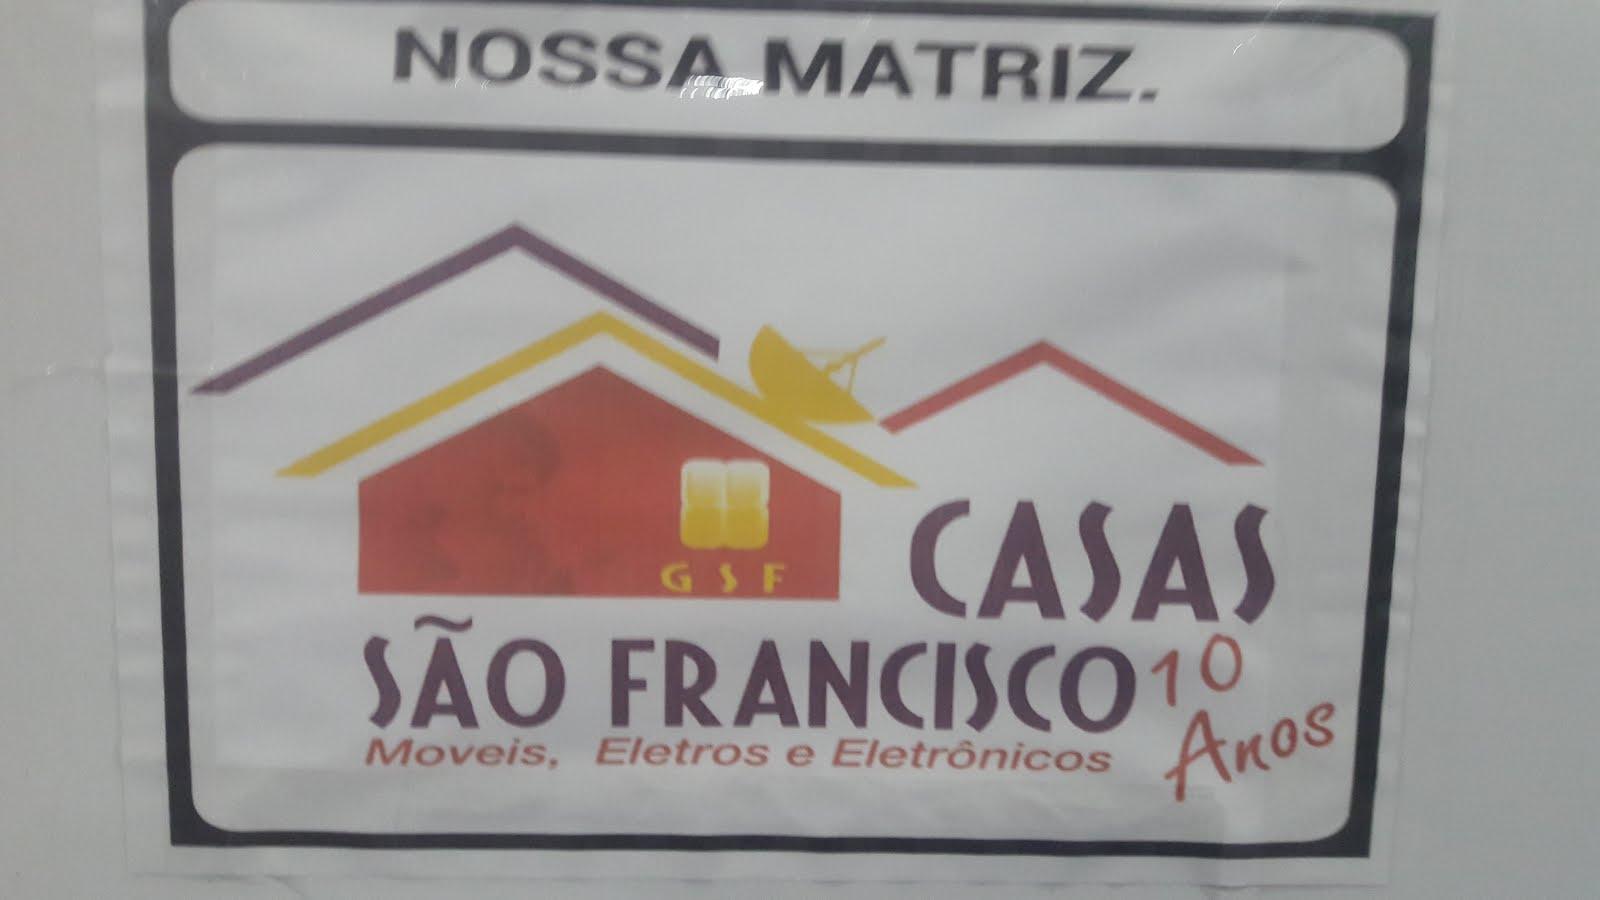 CASA SÃO FRANCISCO